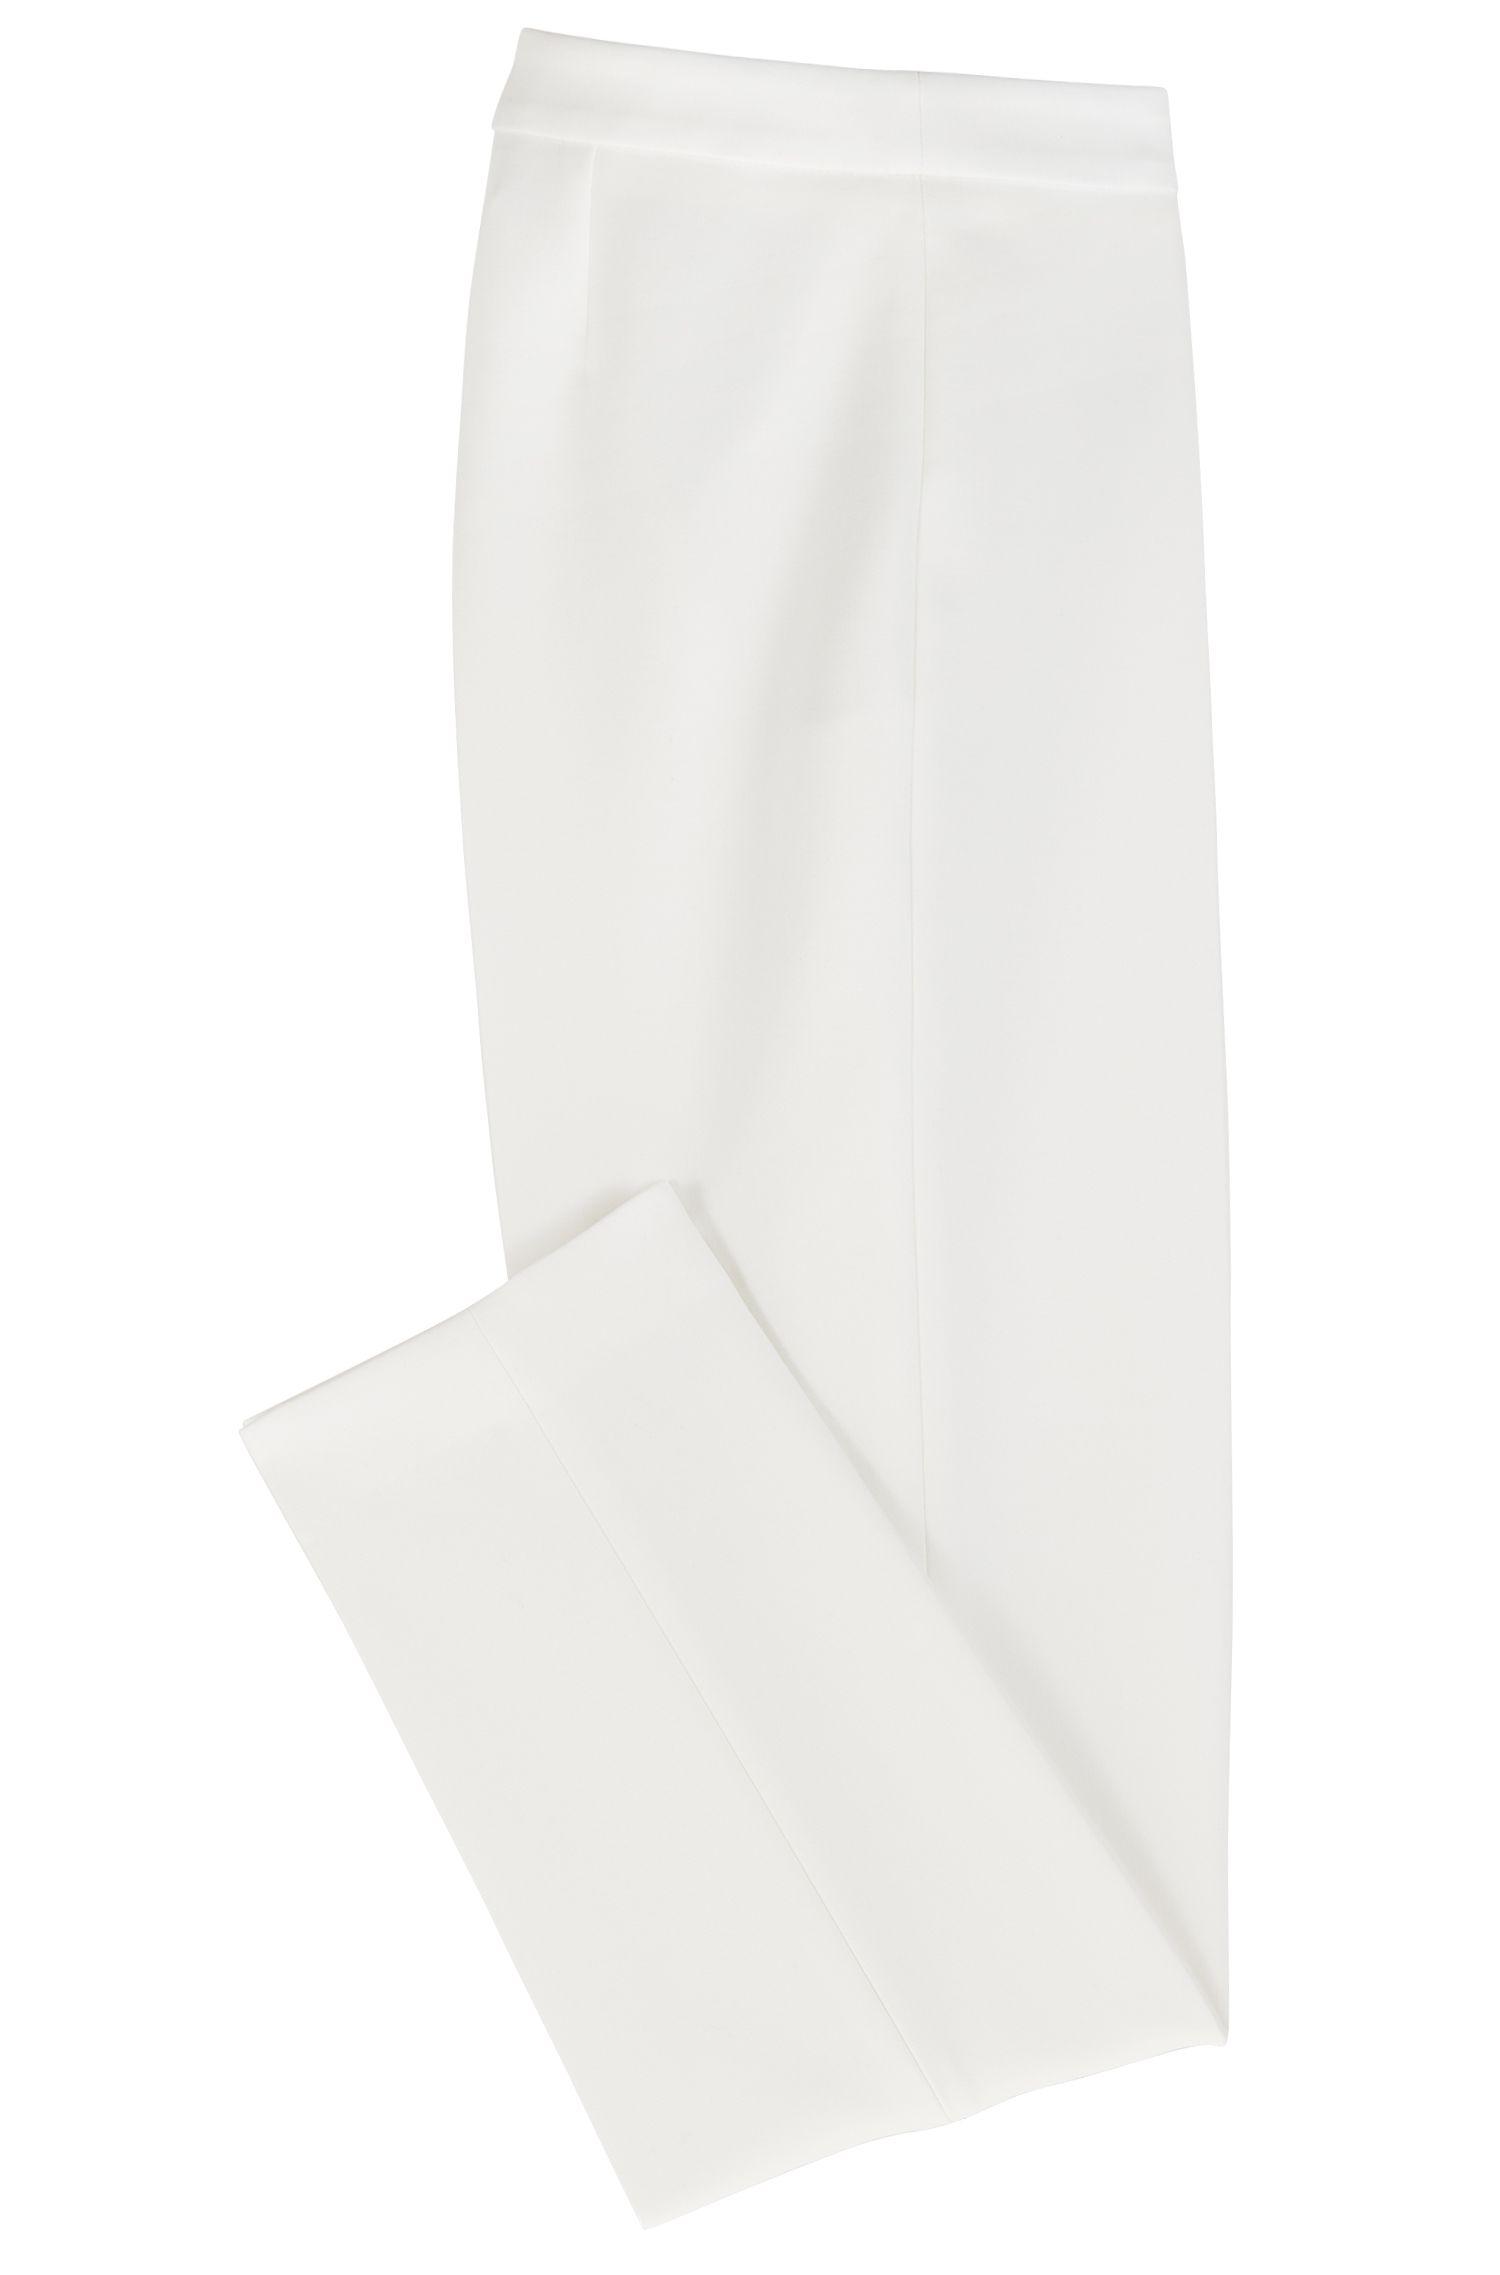 Hugo Boss - Slim-Fit Hose in Cropped-Länge aus portugiesischem Stretch-Gewebe - 4